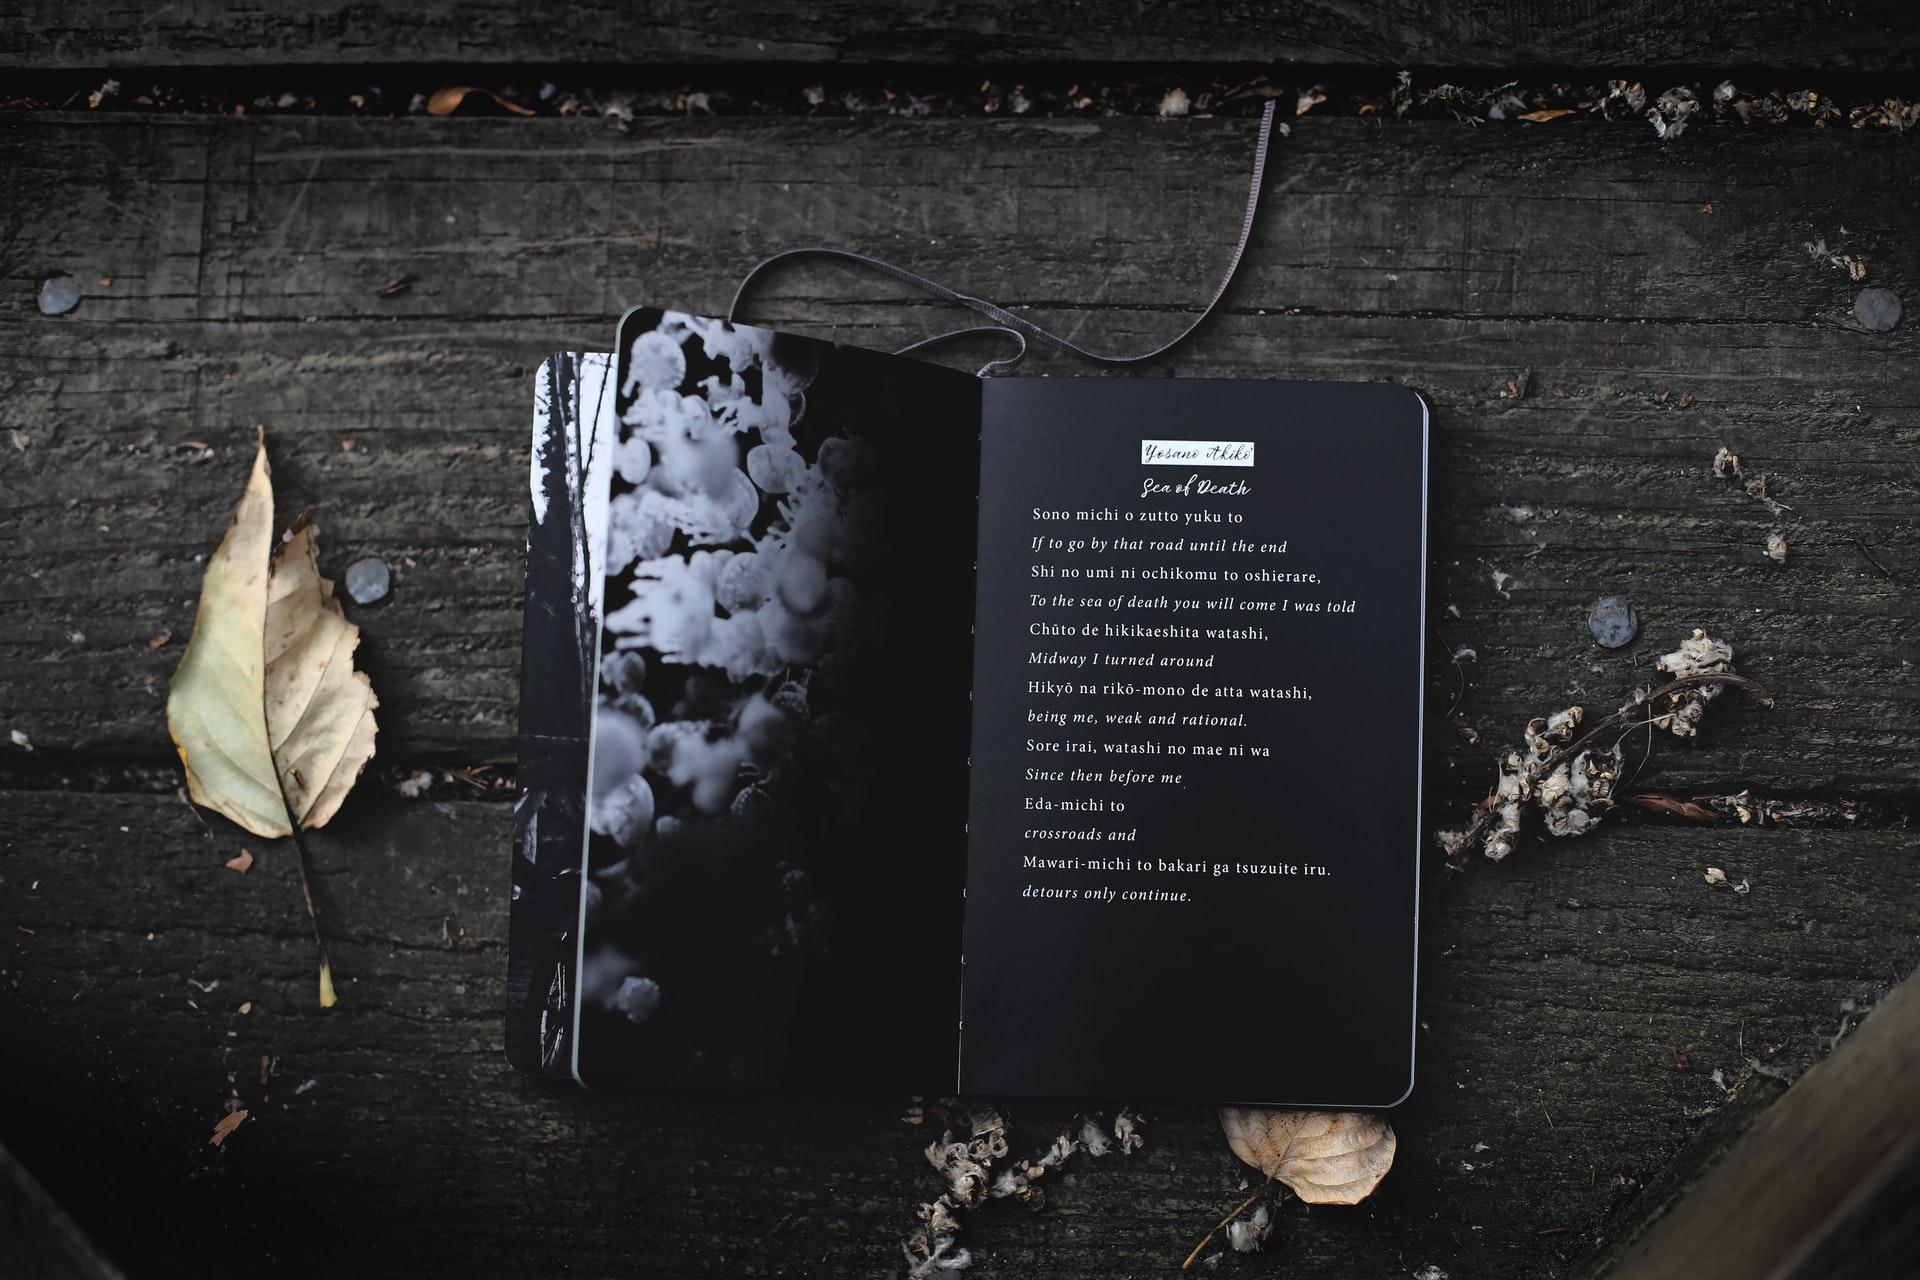 +29 Poemas de Amado Nervo y frases cautivadoras